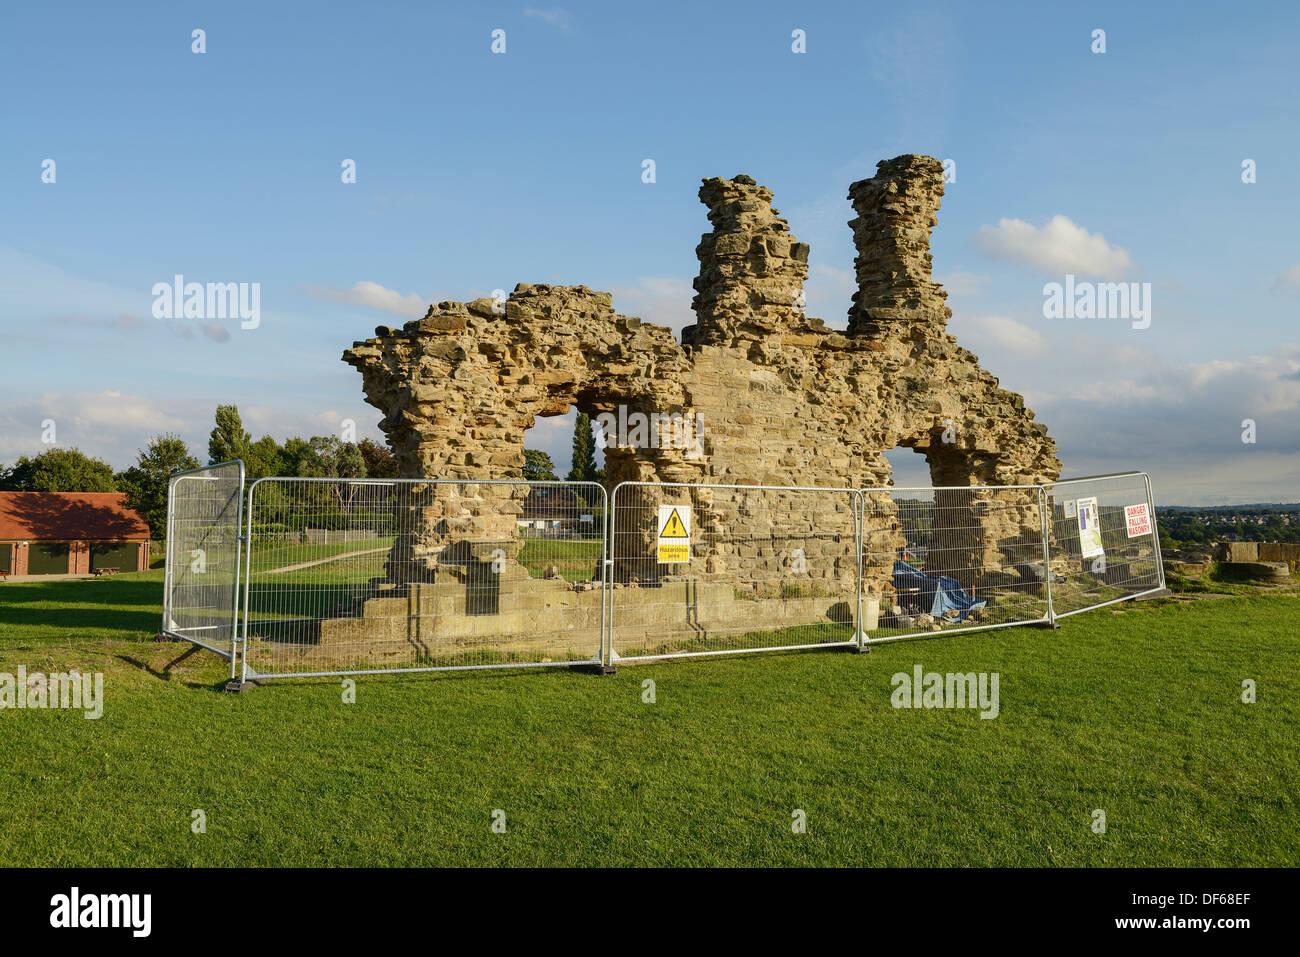 Ruins and repair work at Sandal Castle Wakefield UK - Stock Image